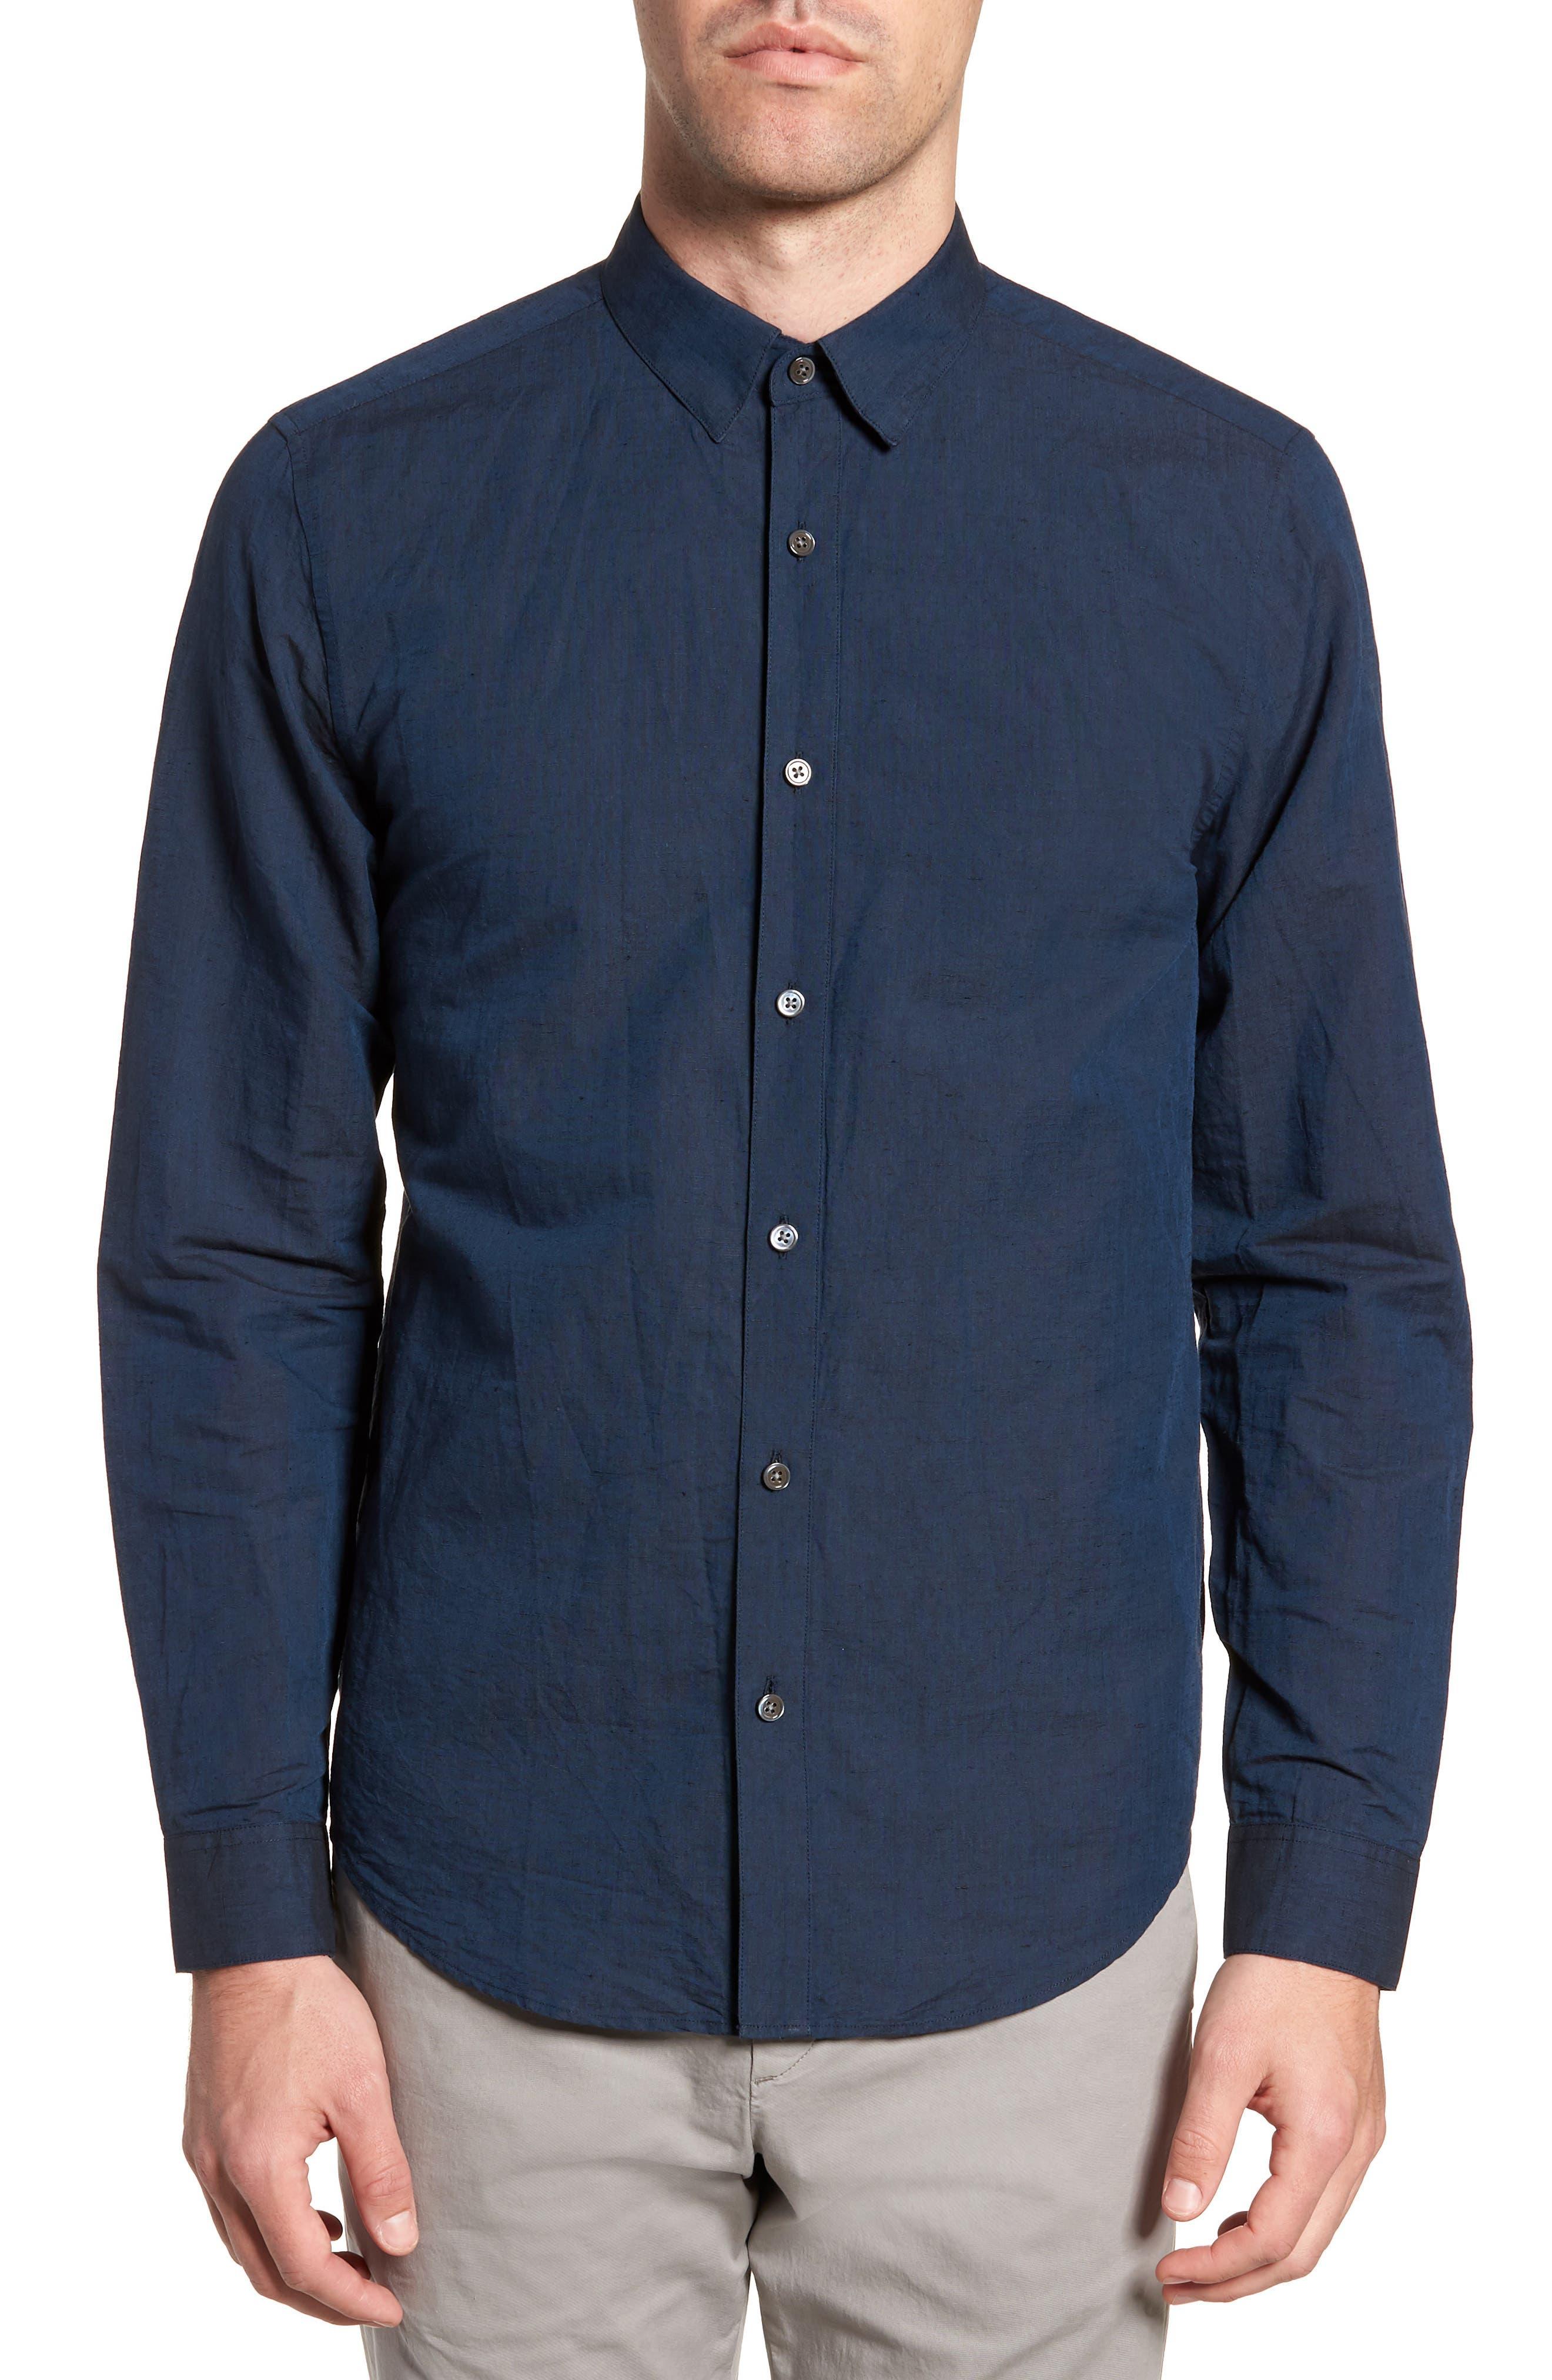 Edward Regular Fit Linen & Cotton Sport Shirt,                             Main thumbnail 1, color,                             Finch